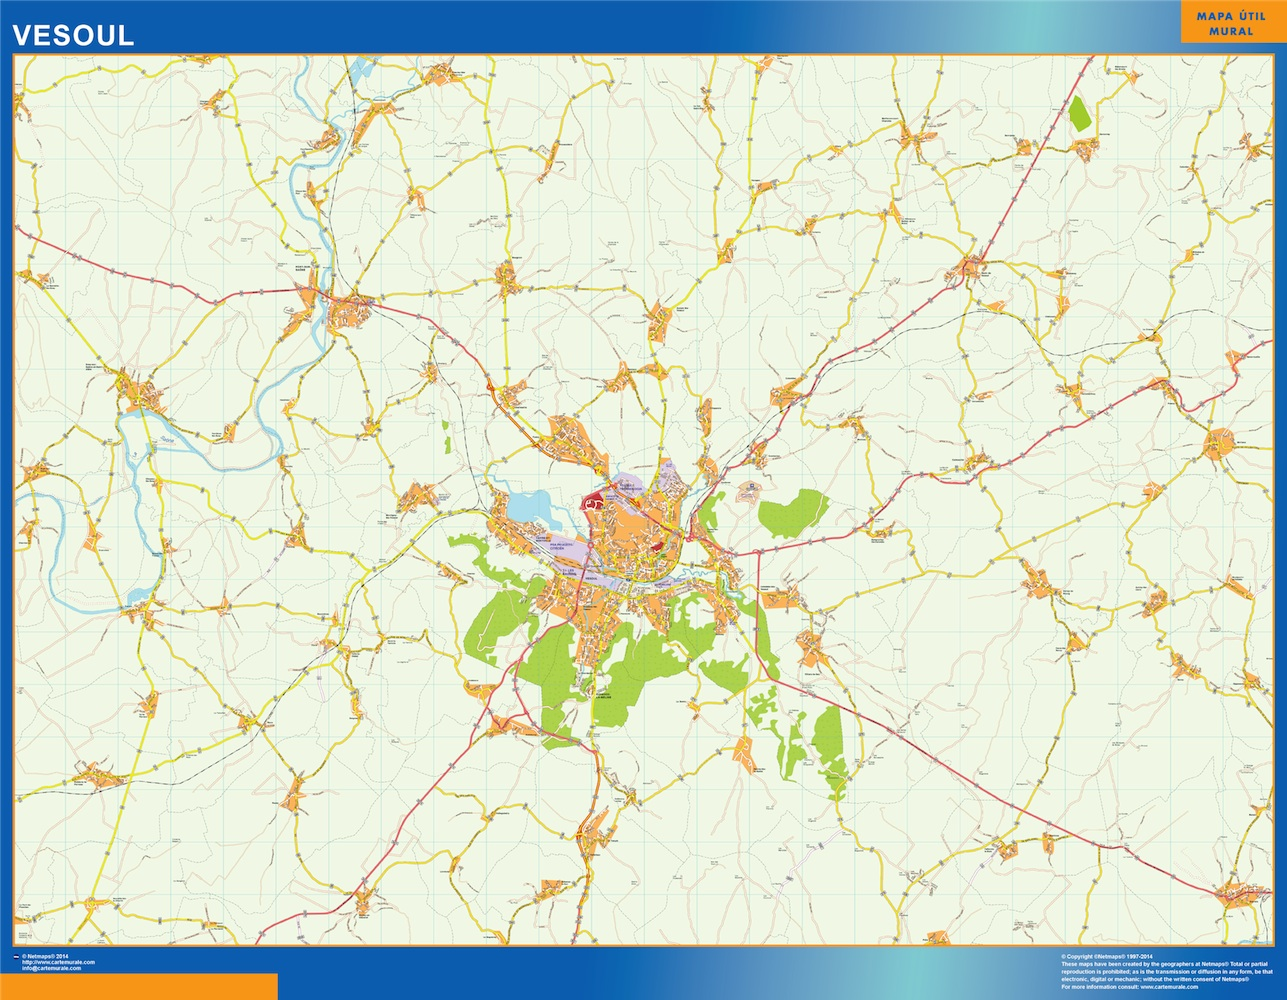 Mapa Vesoul en Francia plastificado gigante